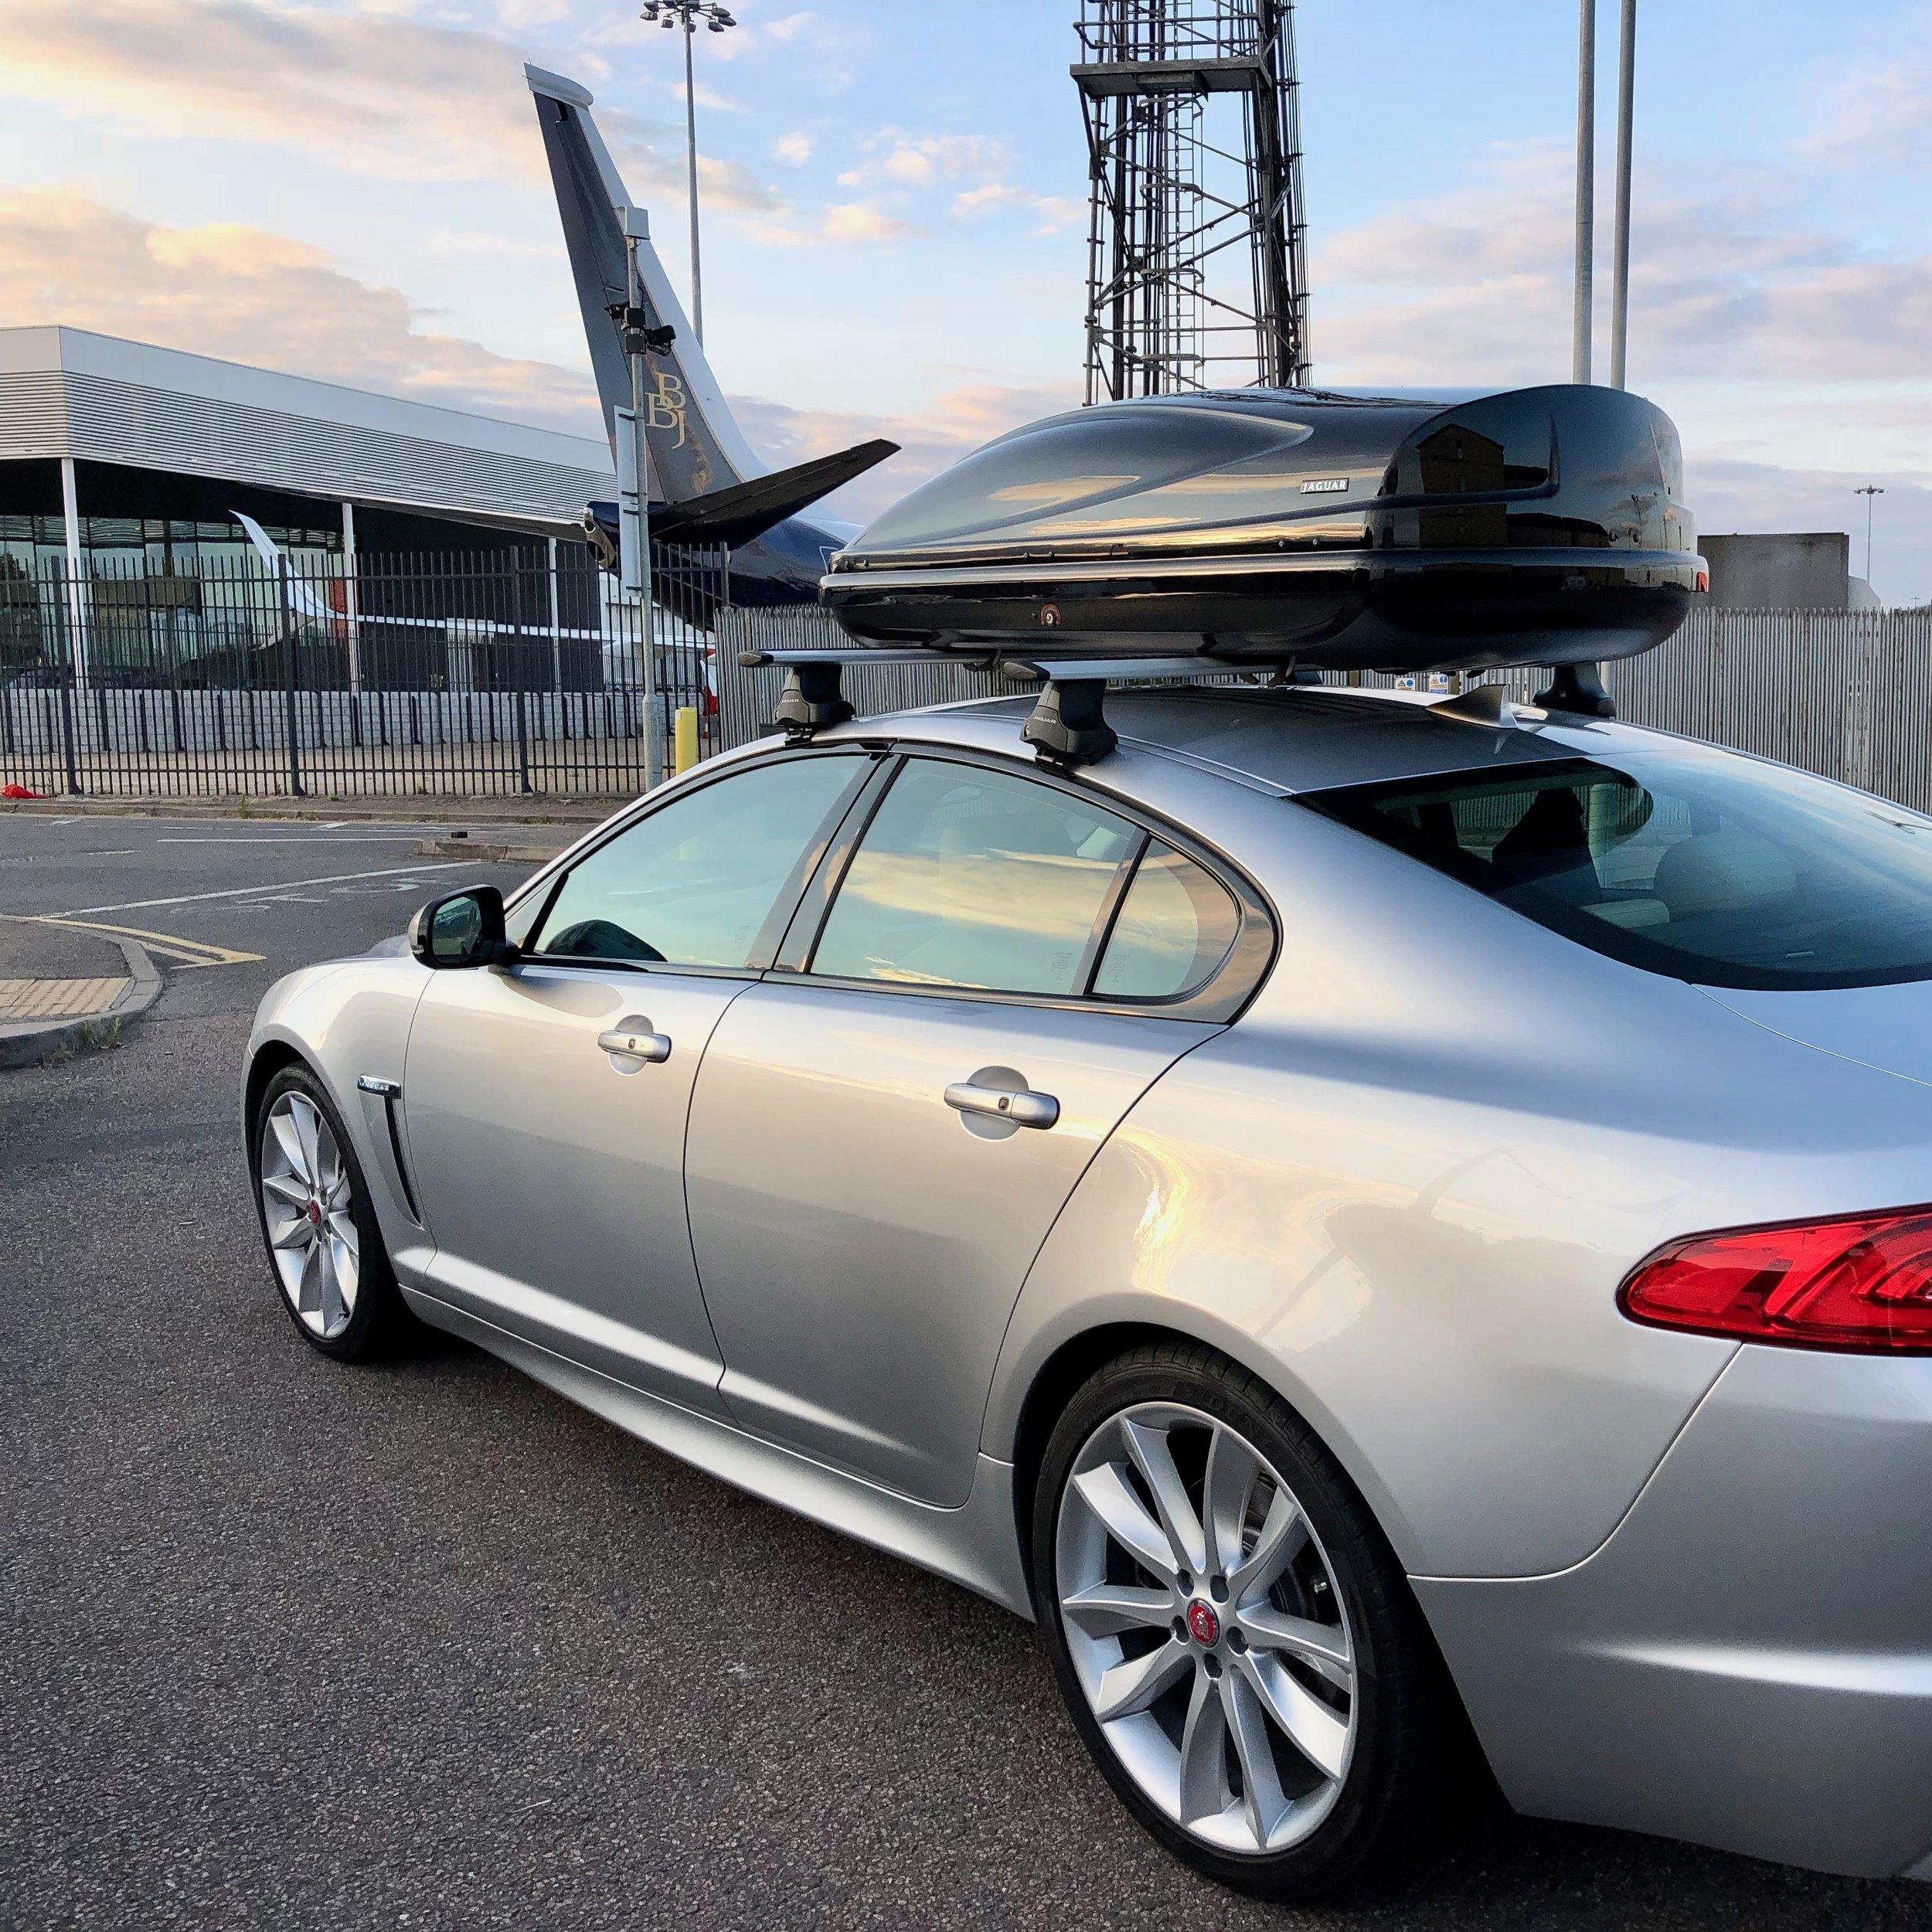 Chauffeur Private Hire Jaguar Car